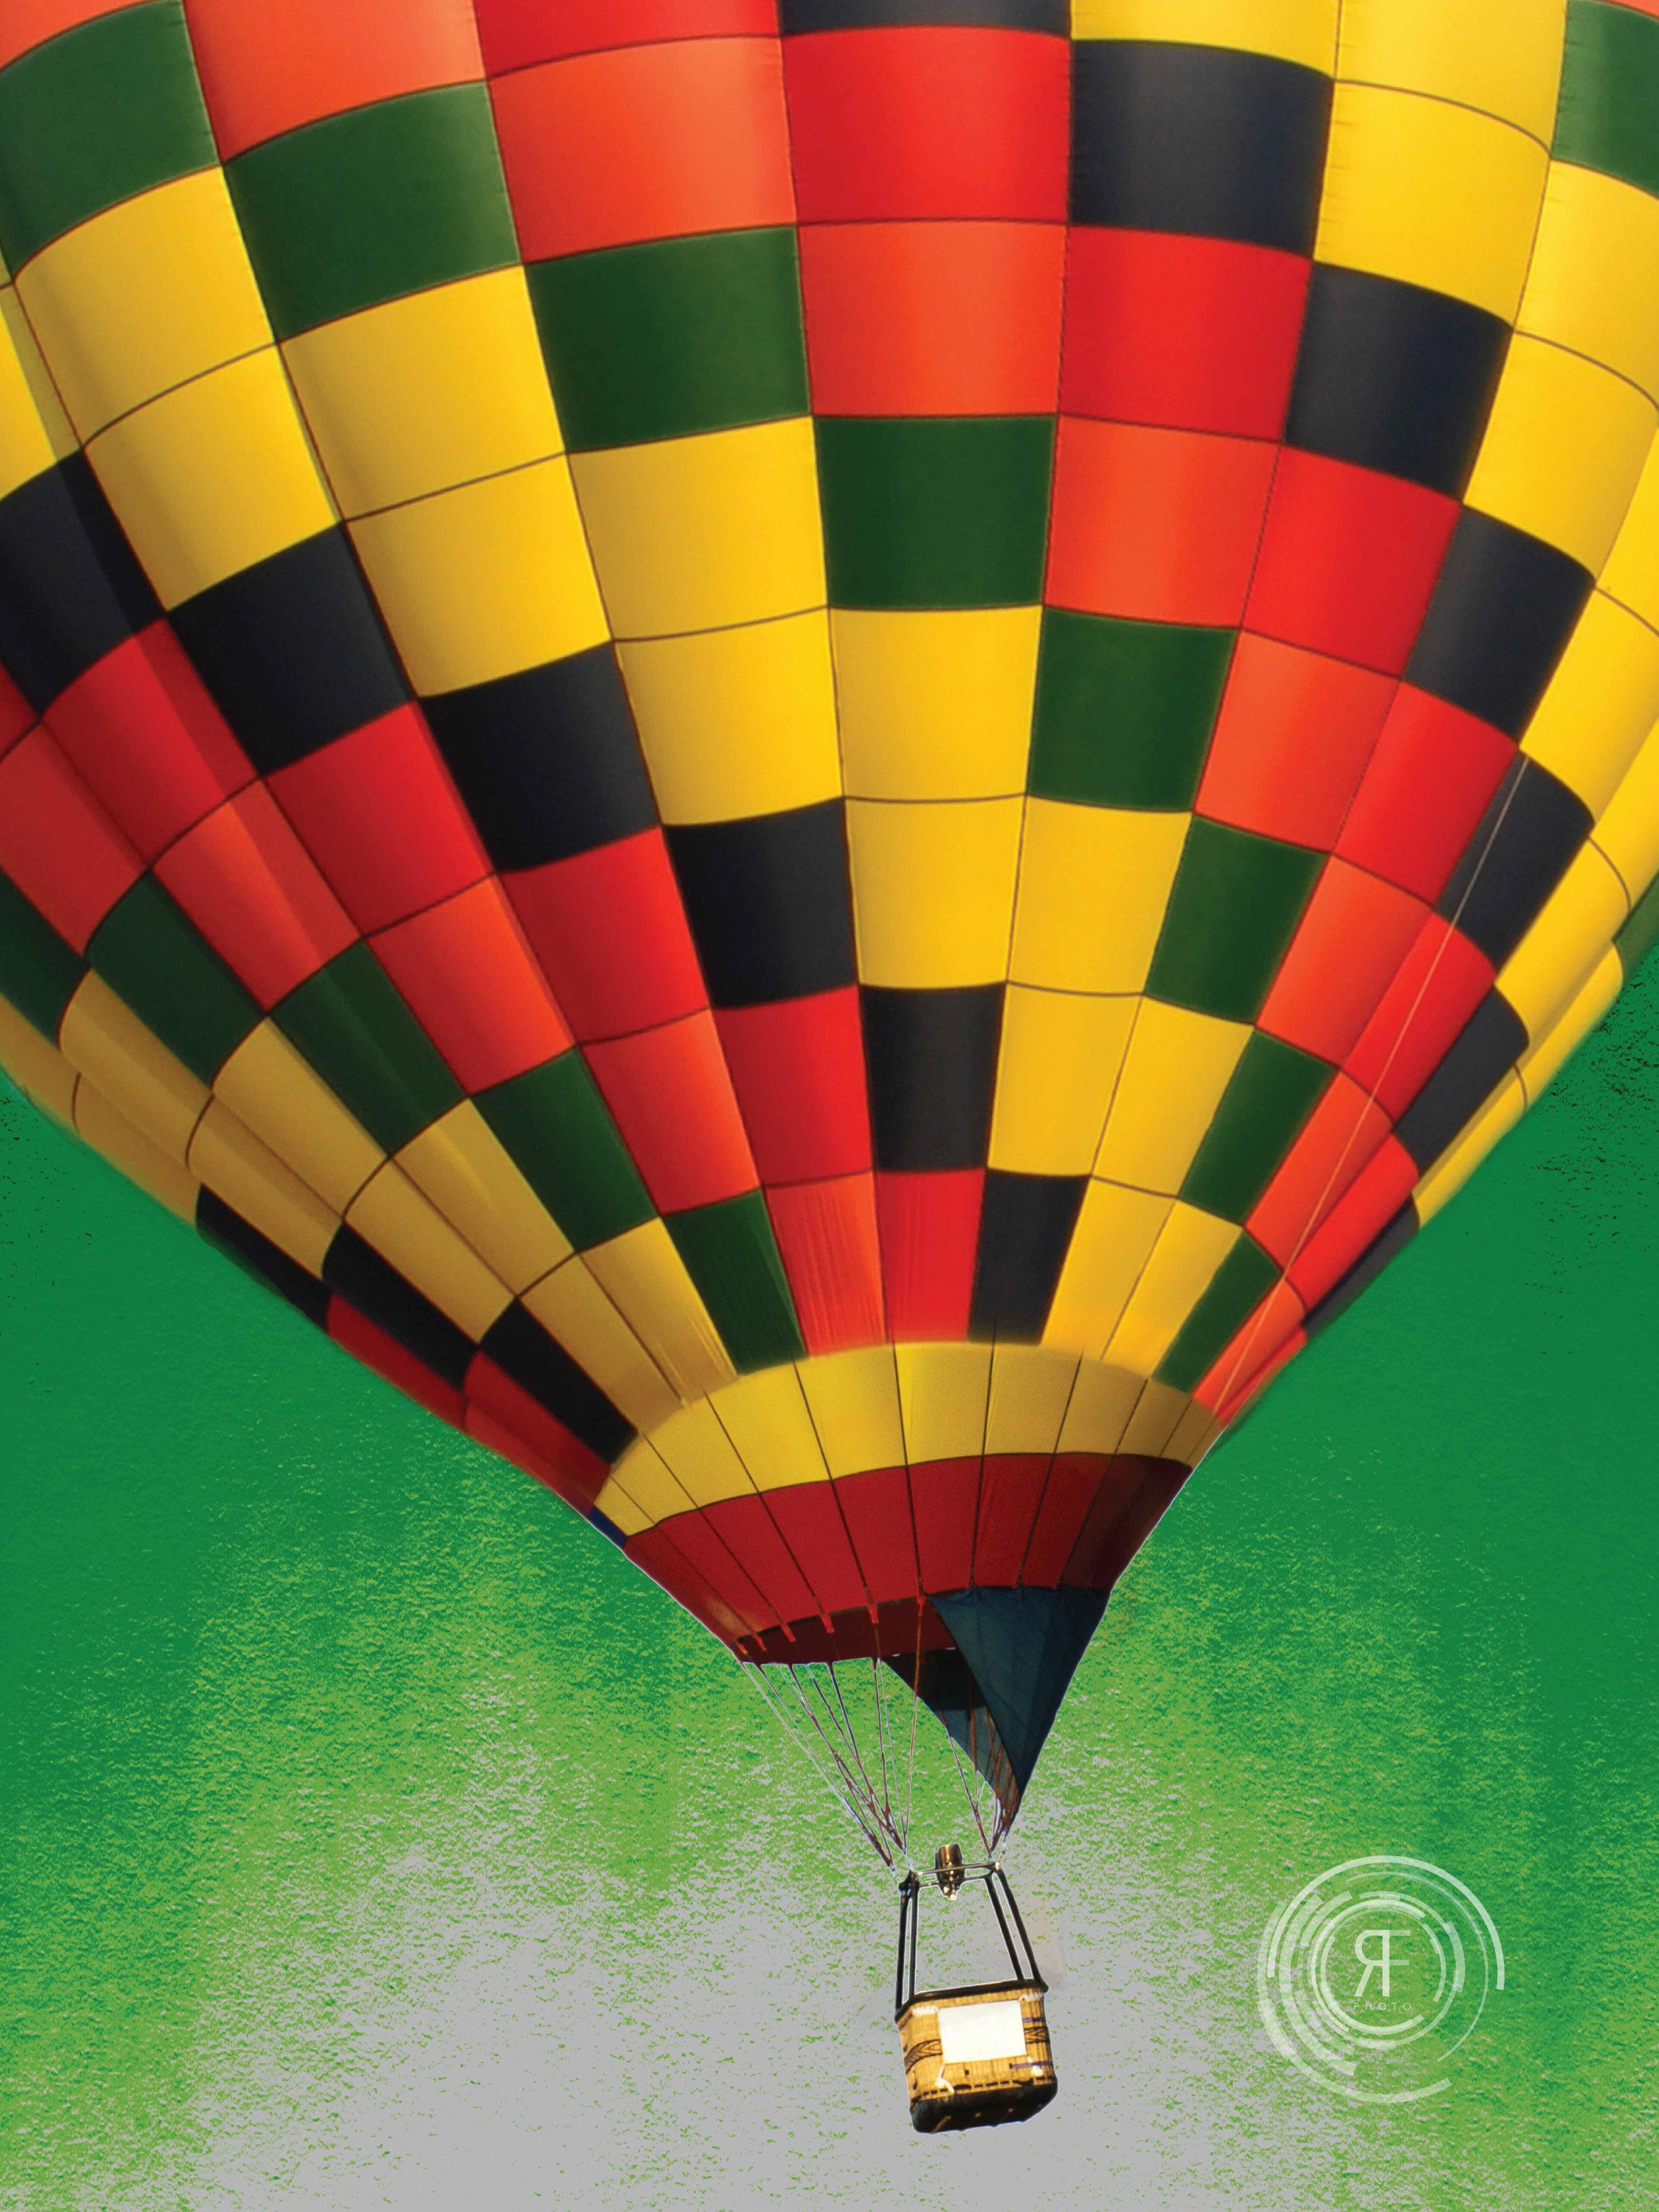 RF_6_hot_air_ballon_3.jpg